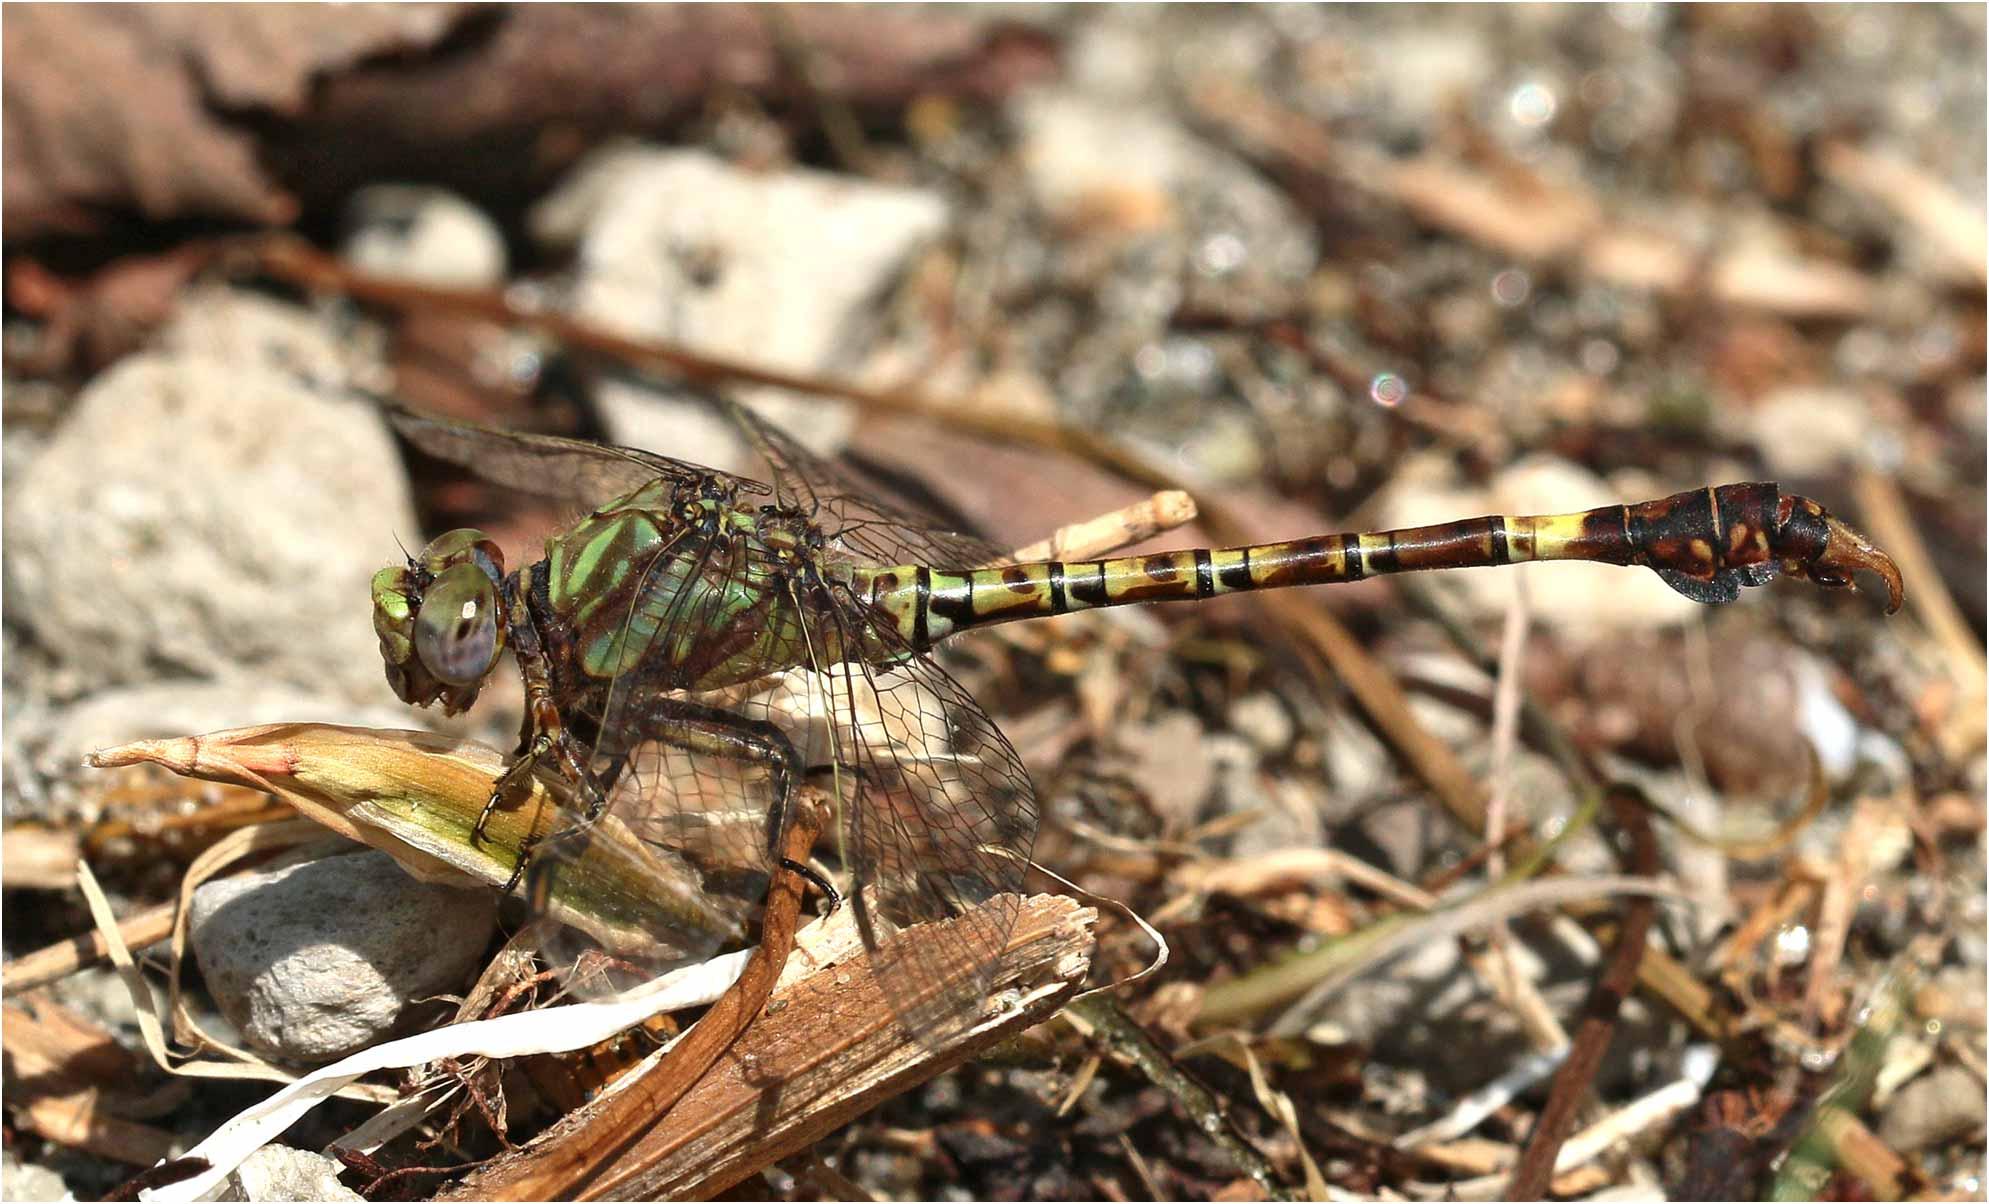 Paragomphus genei mâle, Ethiopie, lac Awasa, 31/10/2018